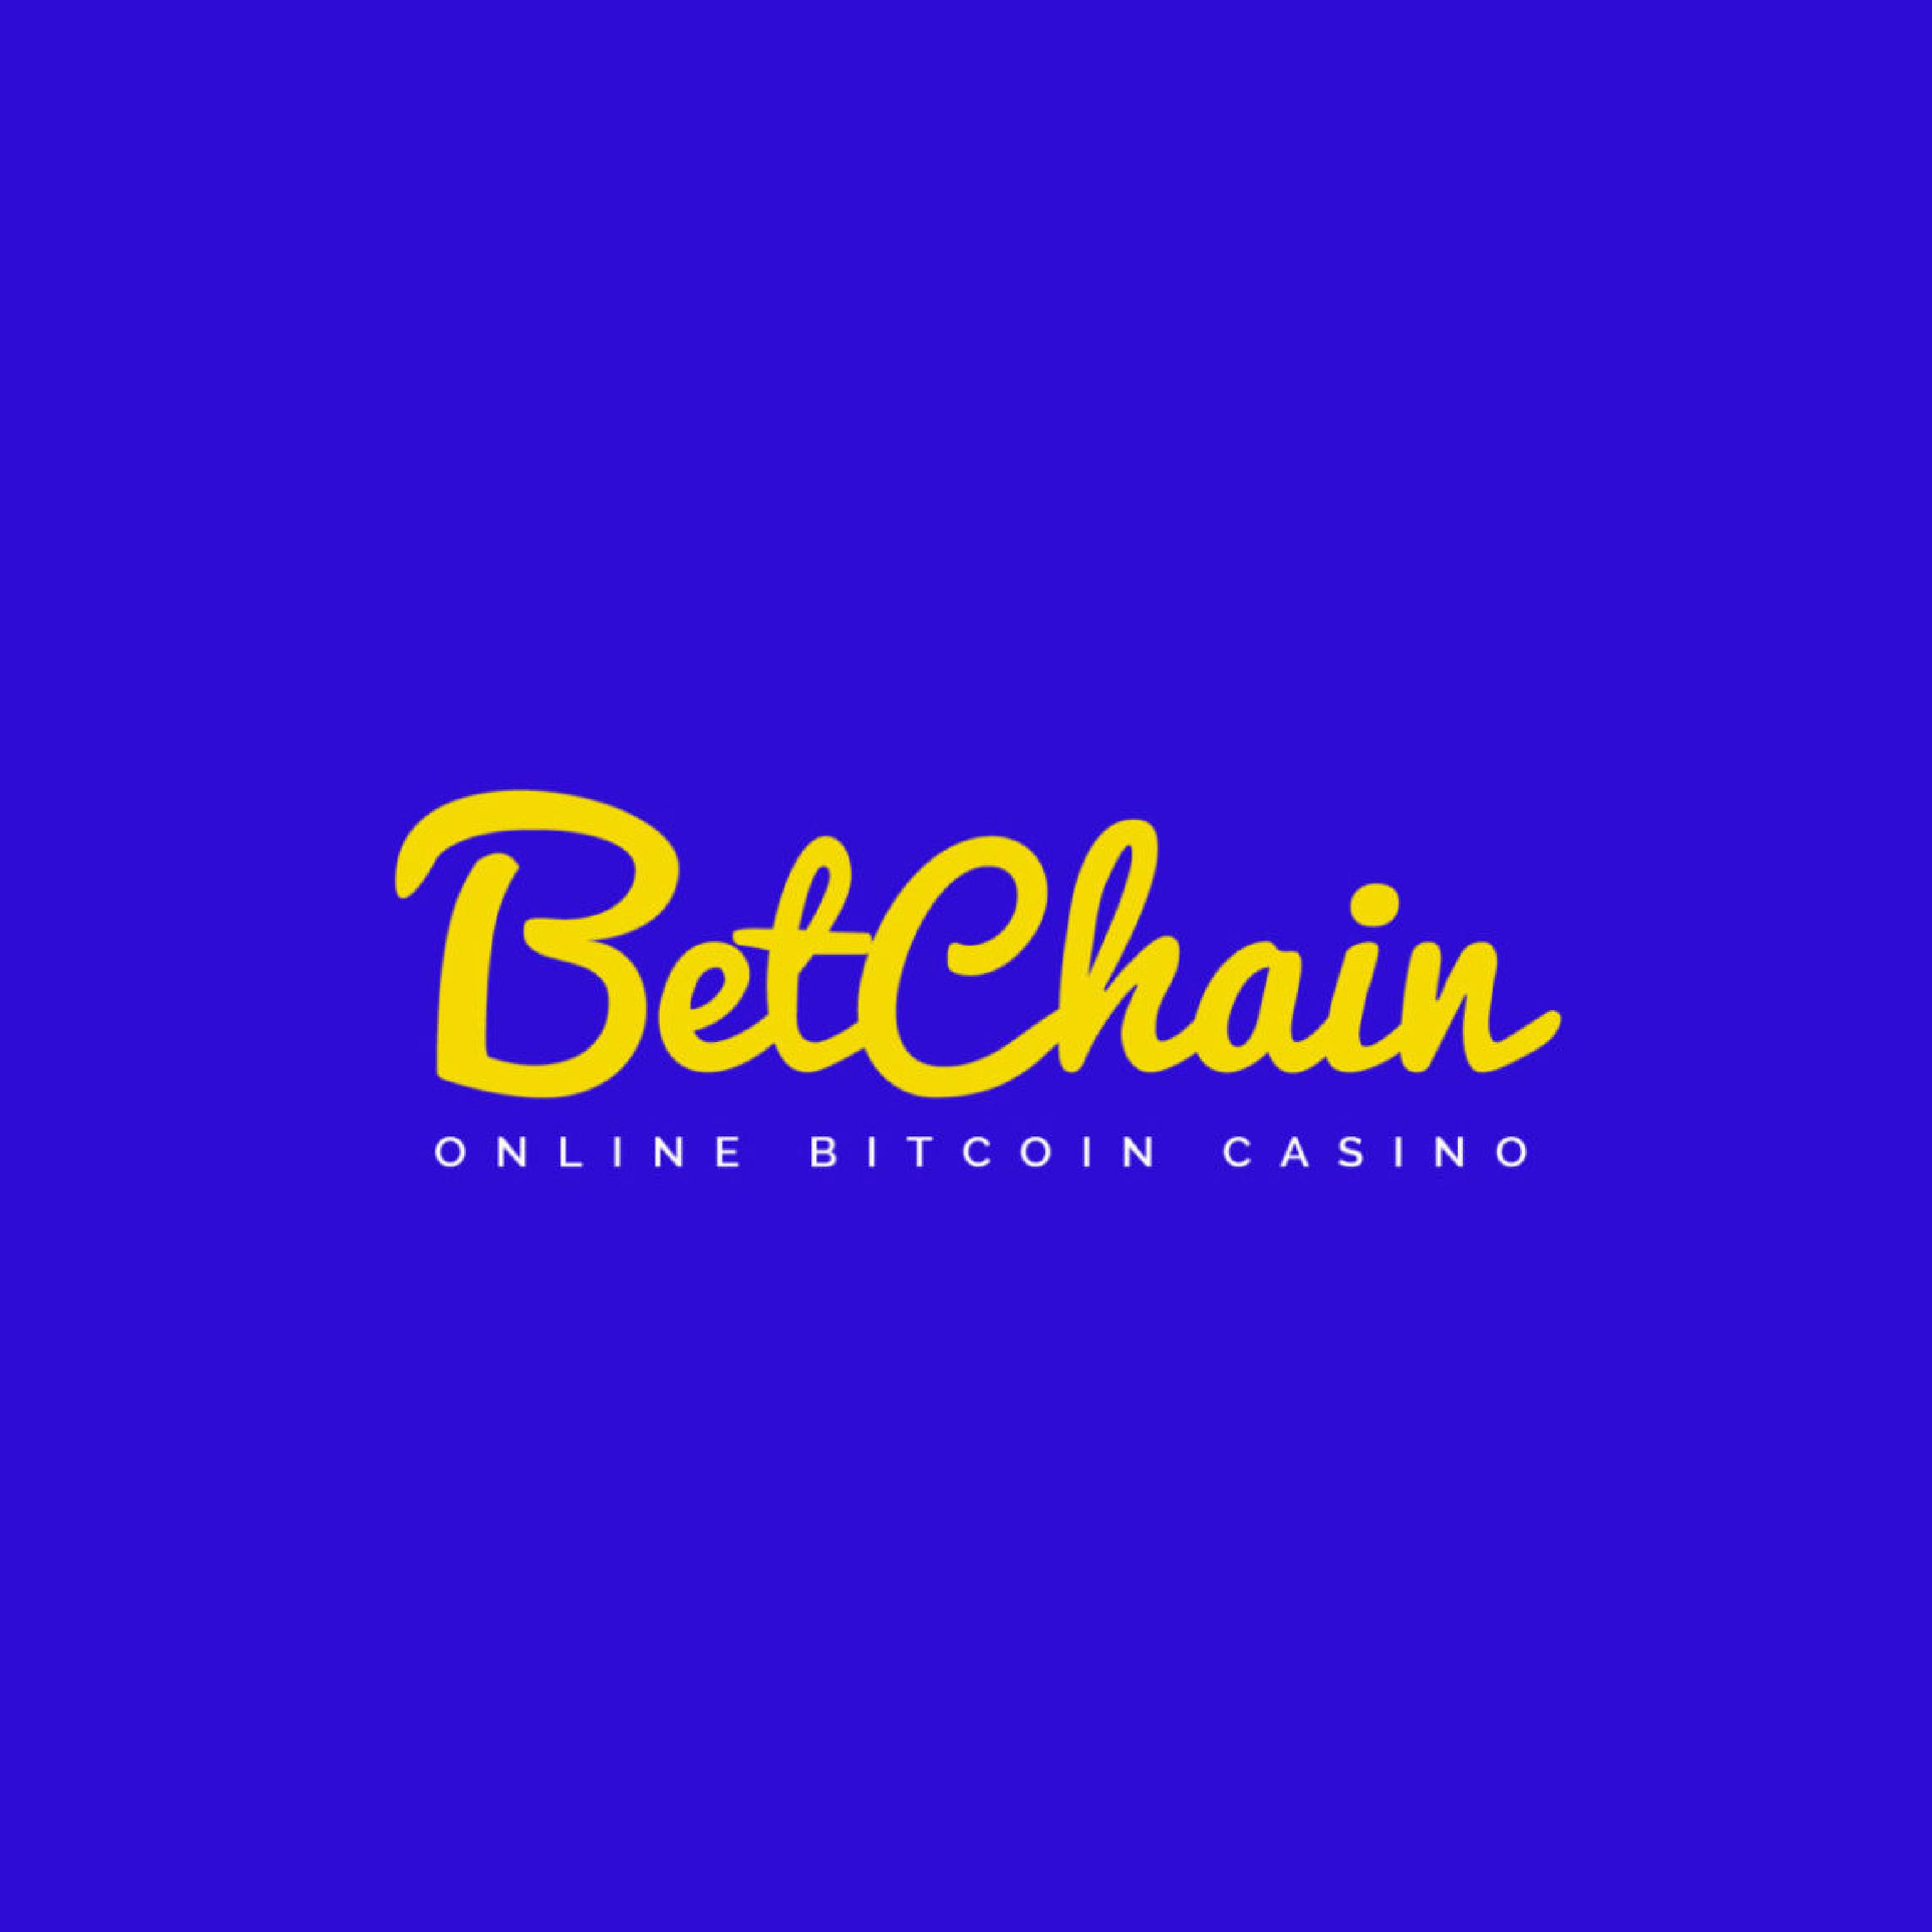 Top online bitcoin casinos nz